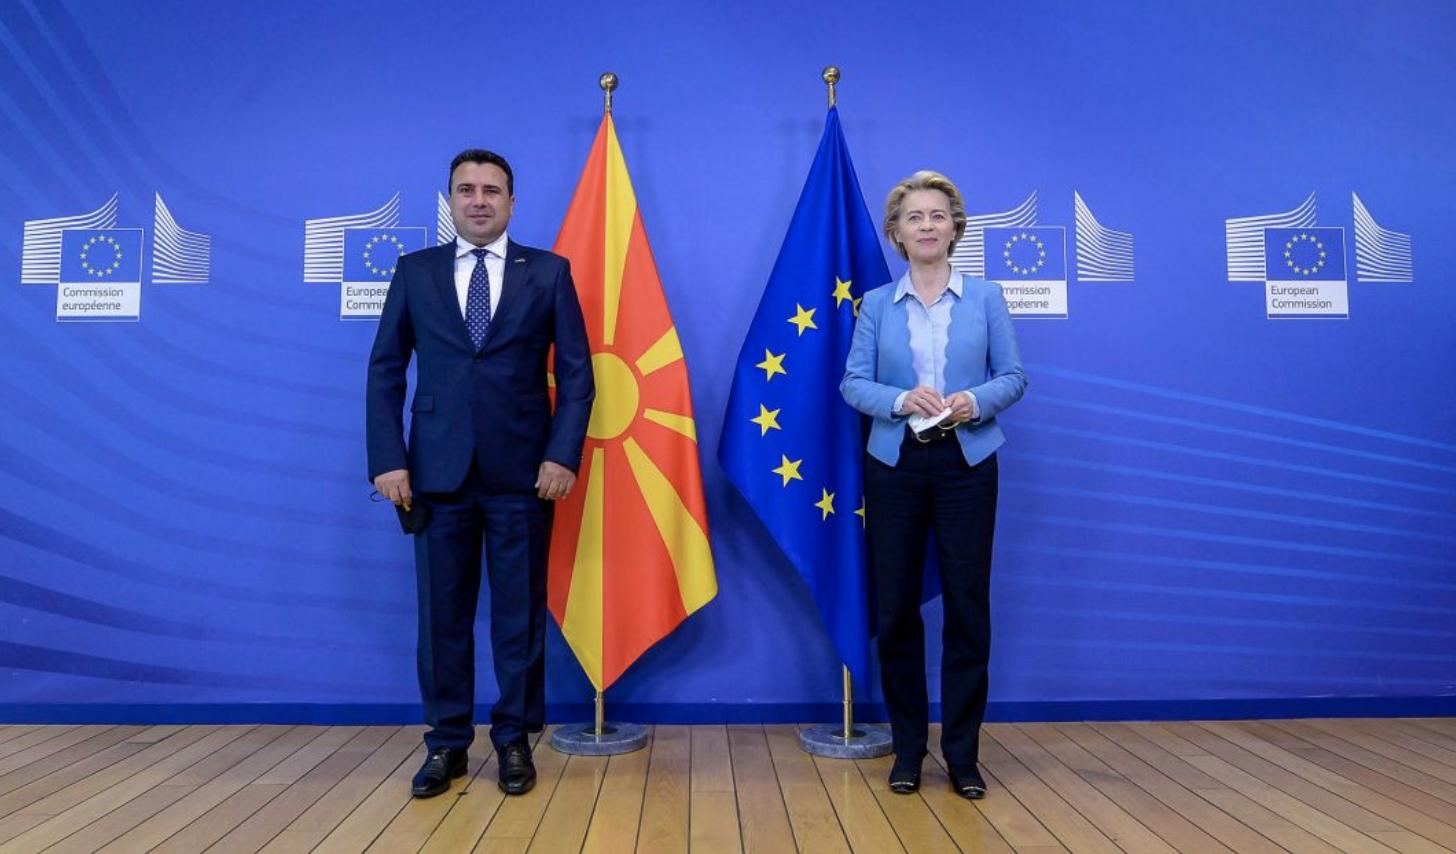 EC ohrabruje Bugarsku i Severnu Makedoniju da reše nesporazume